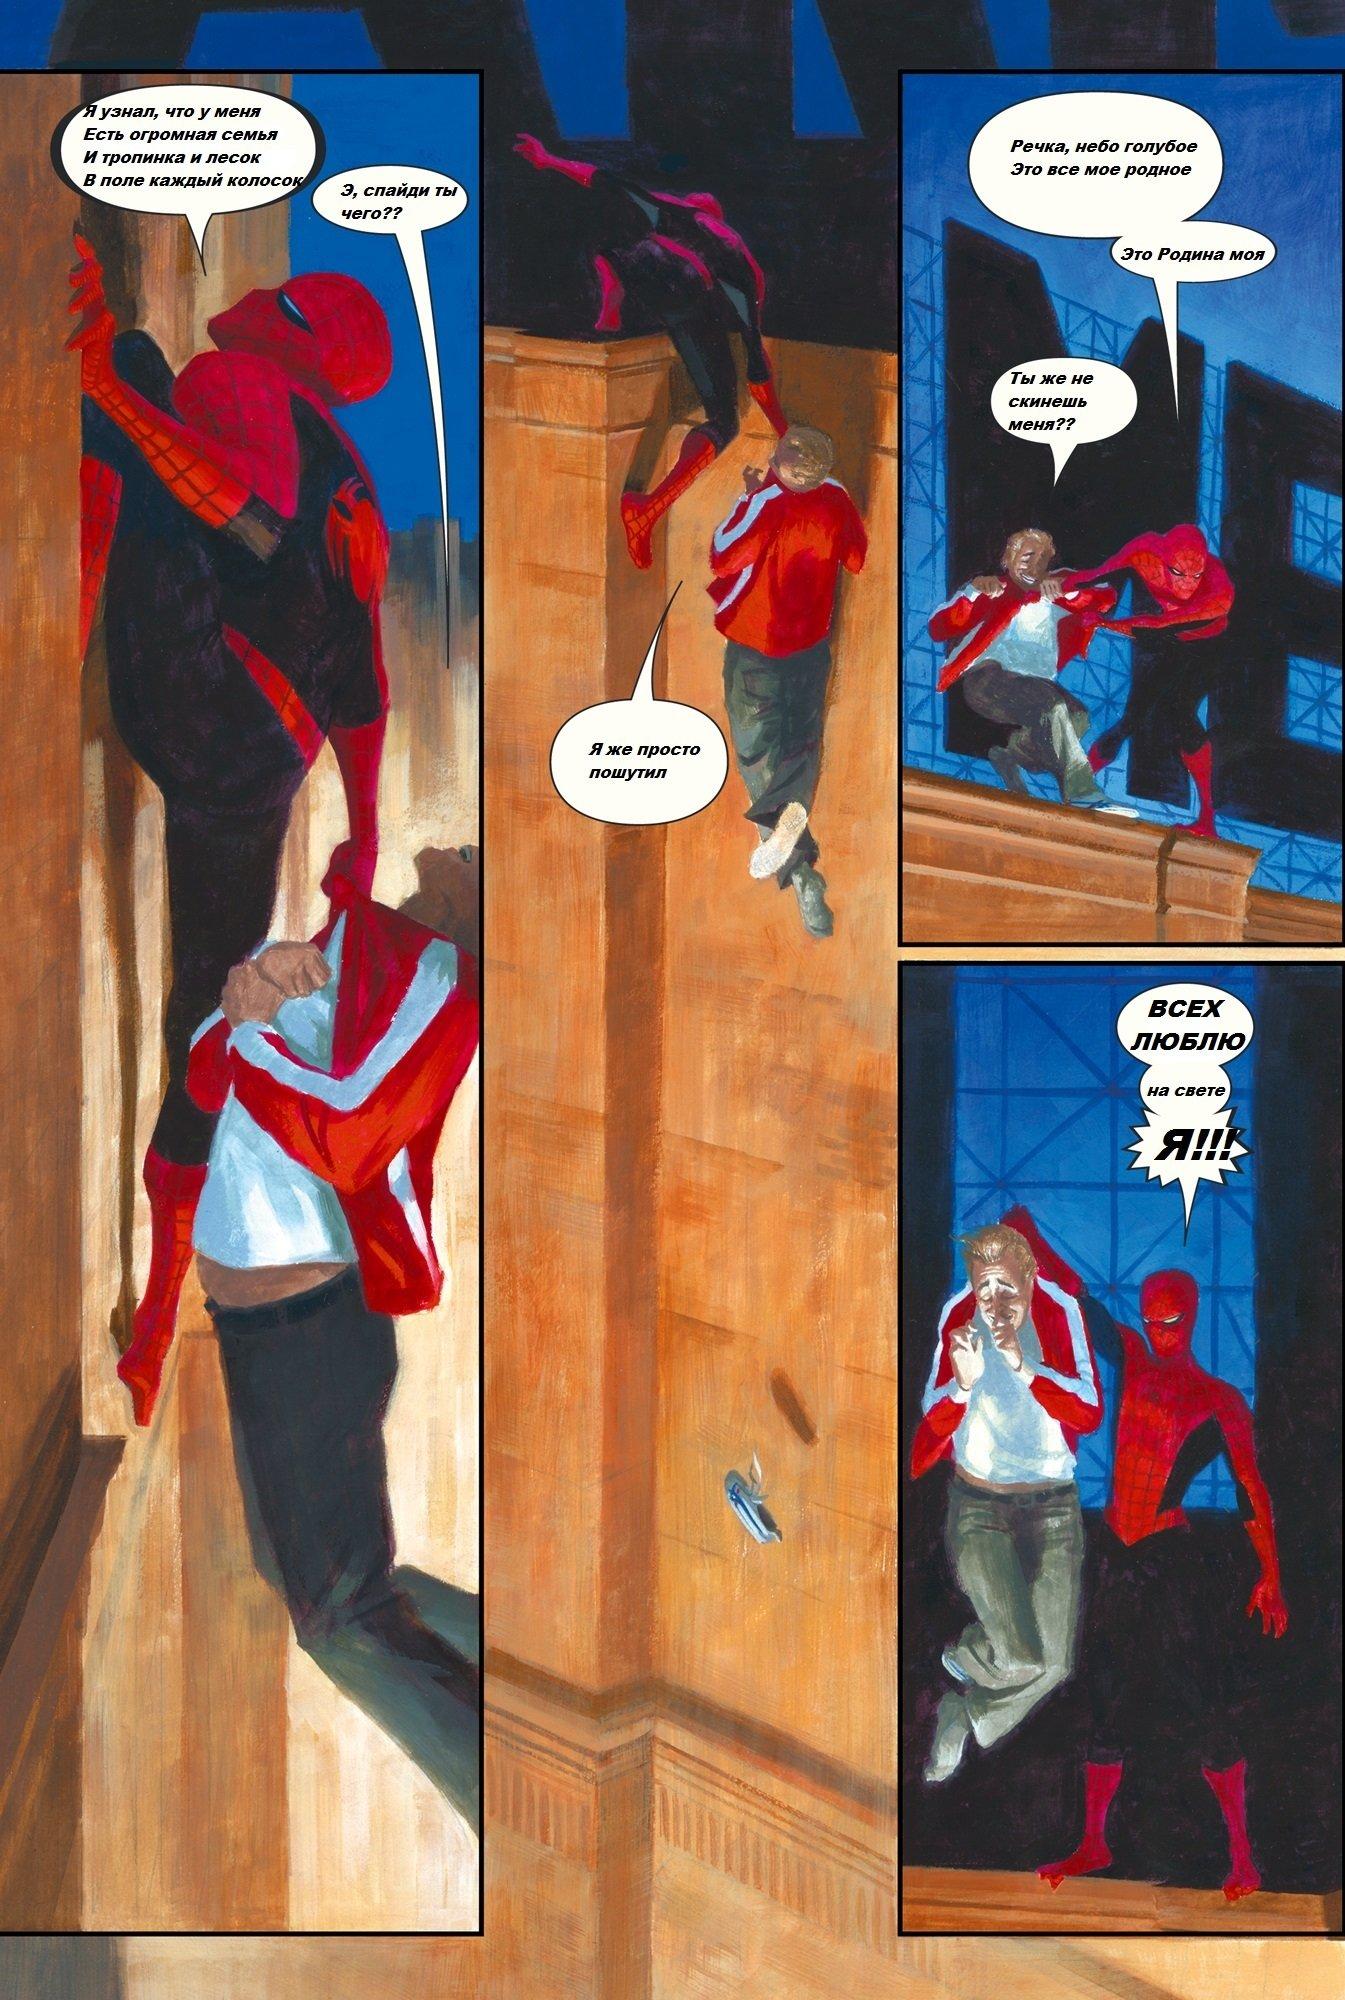 Конкурс комиксов - Изображение 1